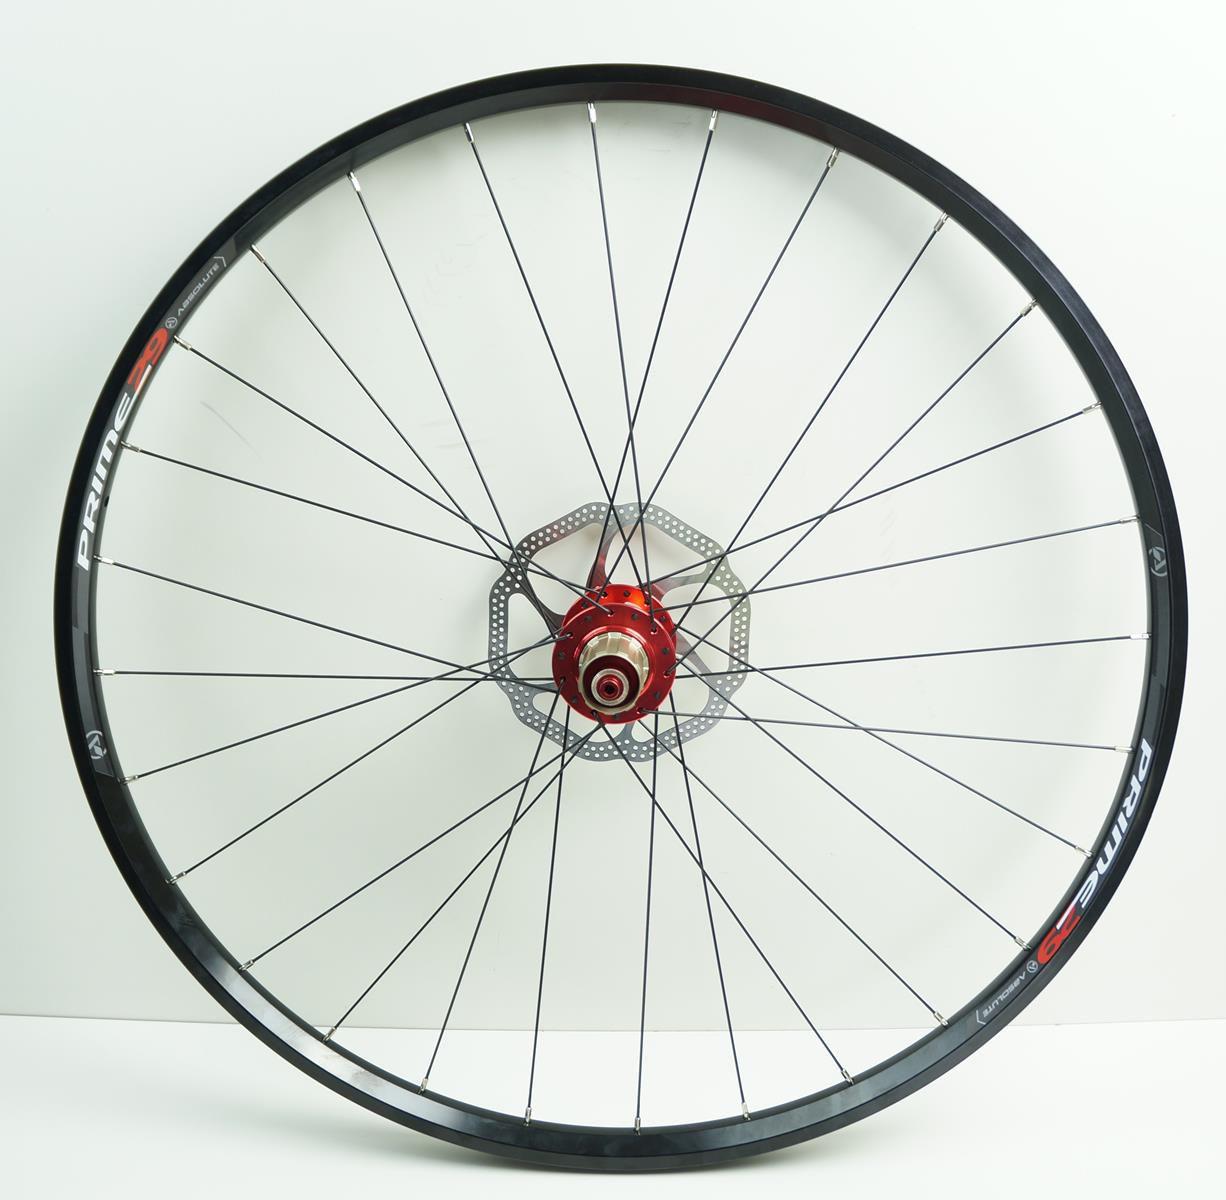 Rodas MTB Absolute Prime Disc Aro 29 Alumino Preta com Cubo Vermelho Com Discos